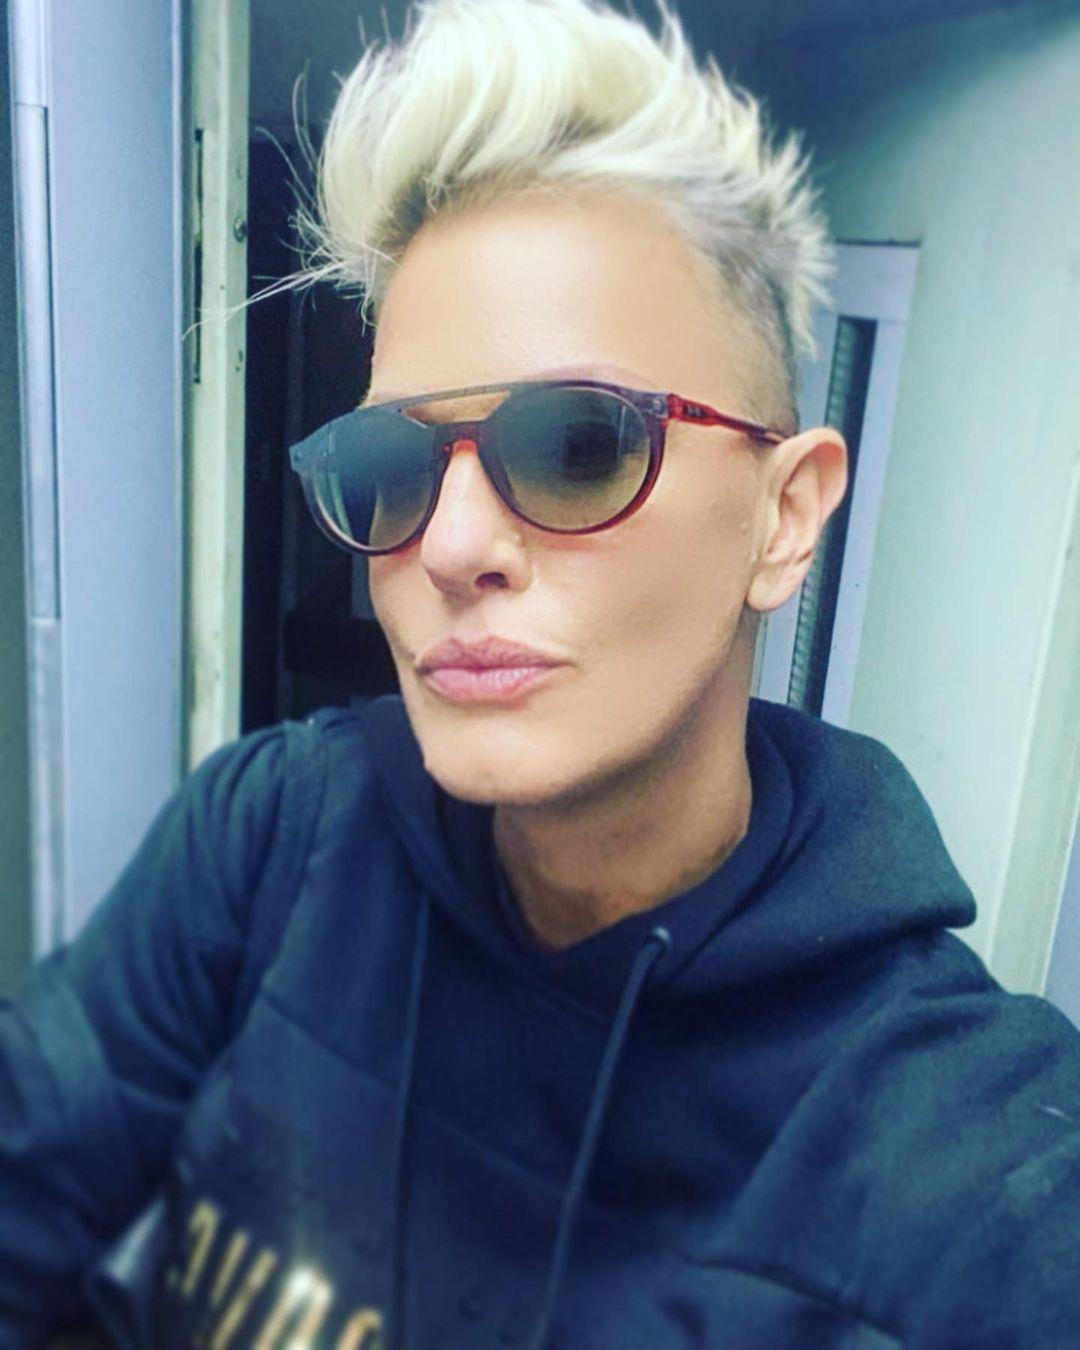 PRESEKLA: Tijana Dapčević donela VAŽNU ŽIVOTNU ODLUKU!